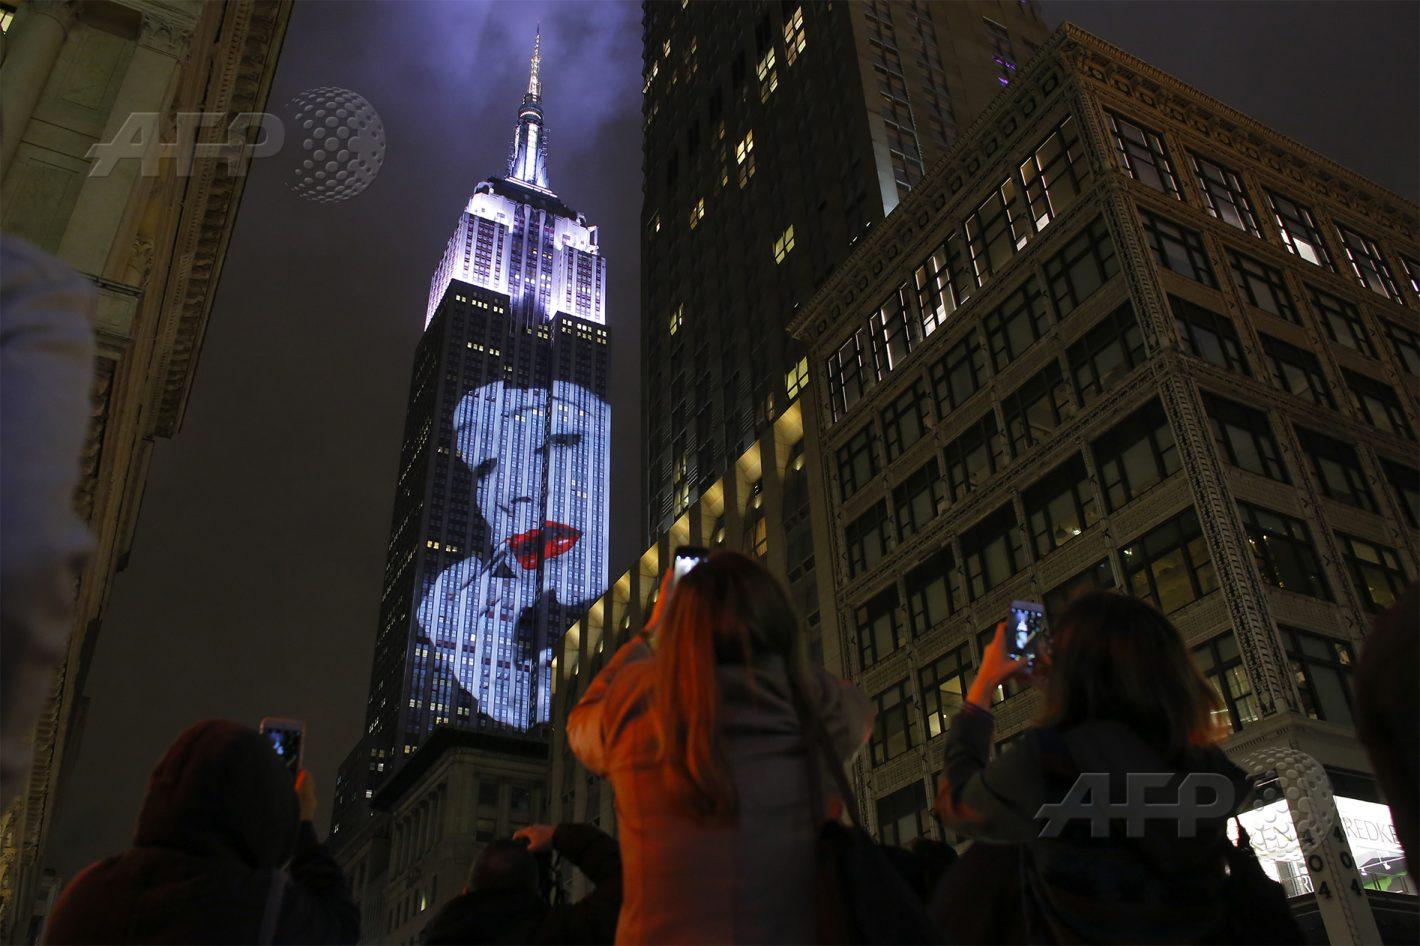 AFP 7 / ÉTATS-UNIS 19 avril 2017 - New York, États-Unis - Des images sont projetées sur l'Empire State Building pour célébrer le 150e anniversaire du magazine Harper's Bazaar. AFP / KENA BETANCUR